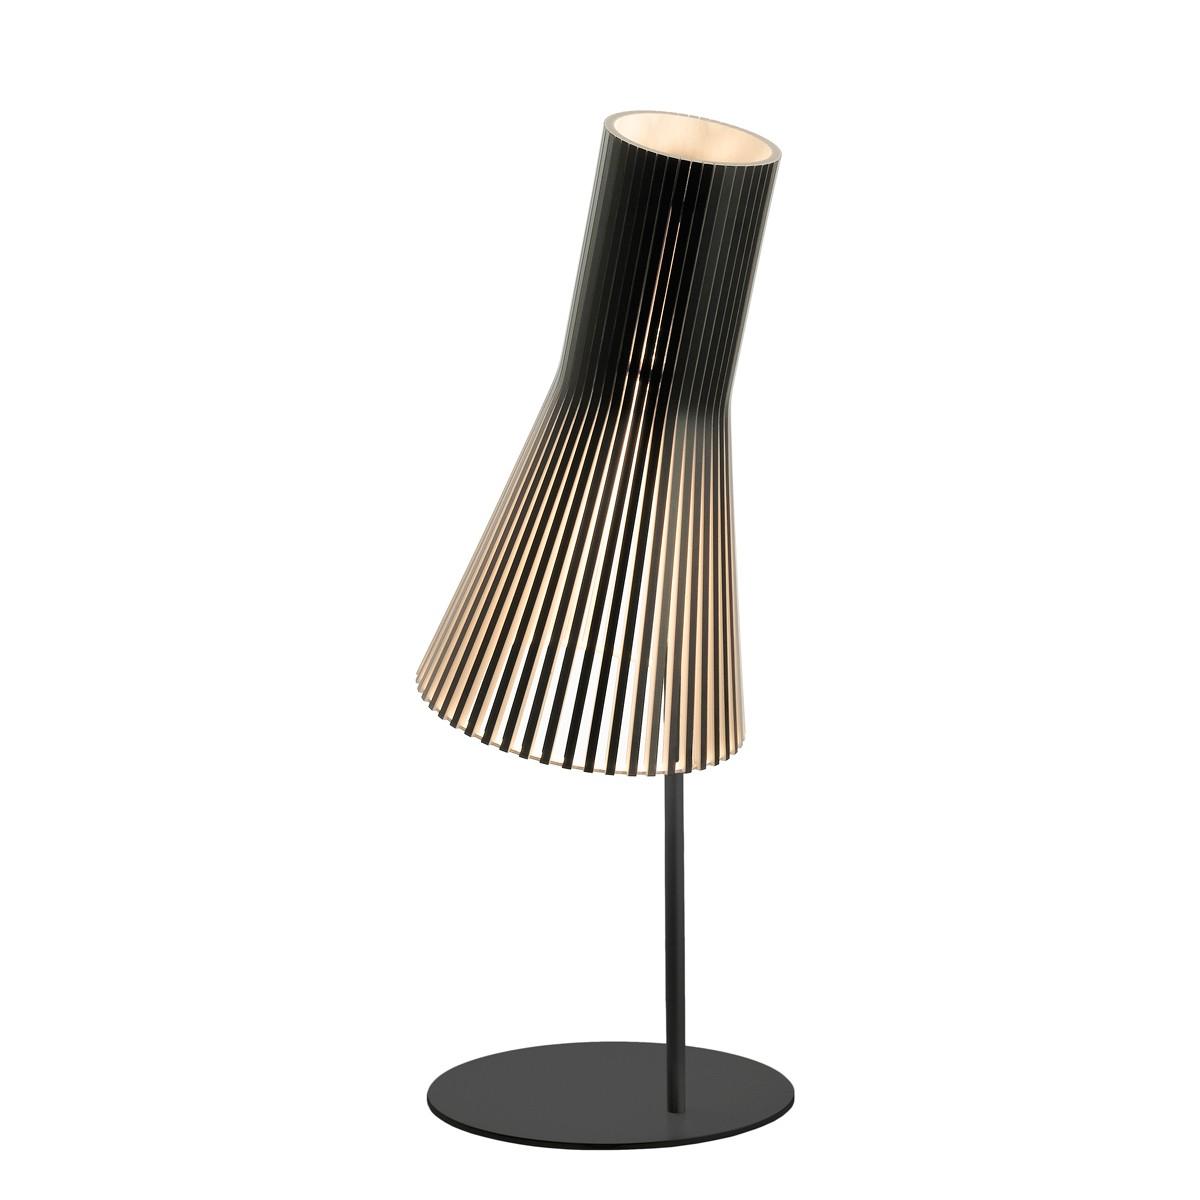 Secto Design Secto 4220 Tischleuchte, schwarz, Schirm: schwarz laminiert